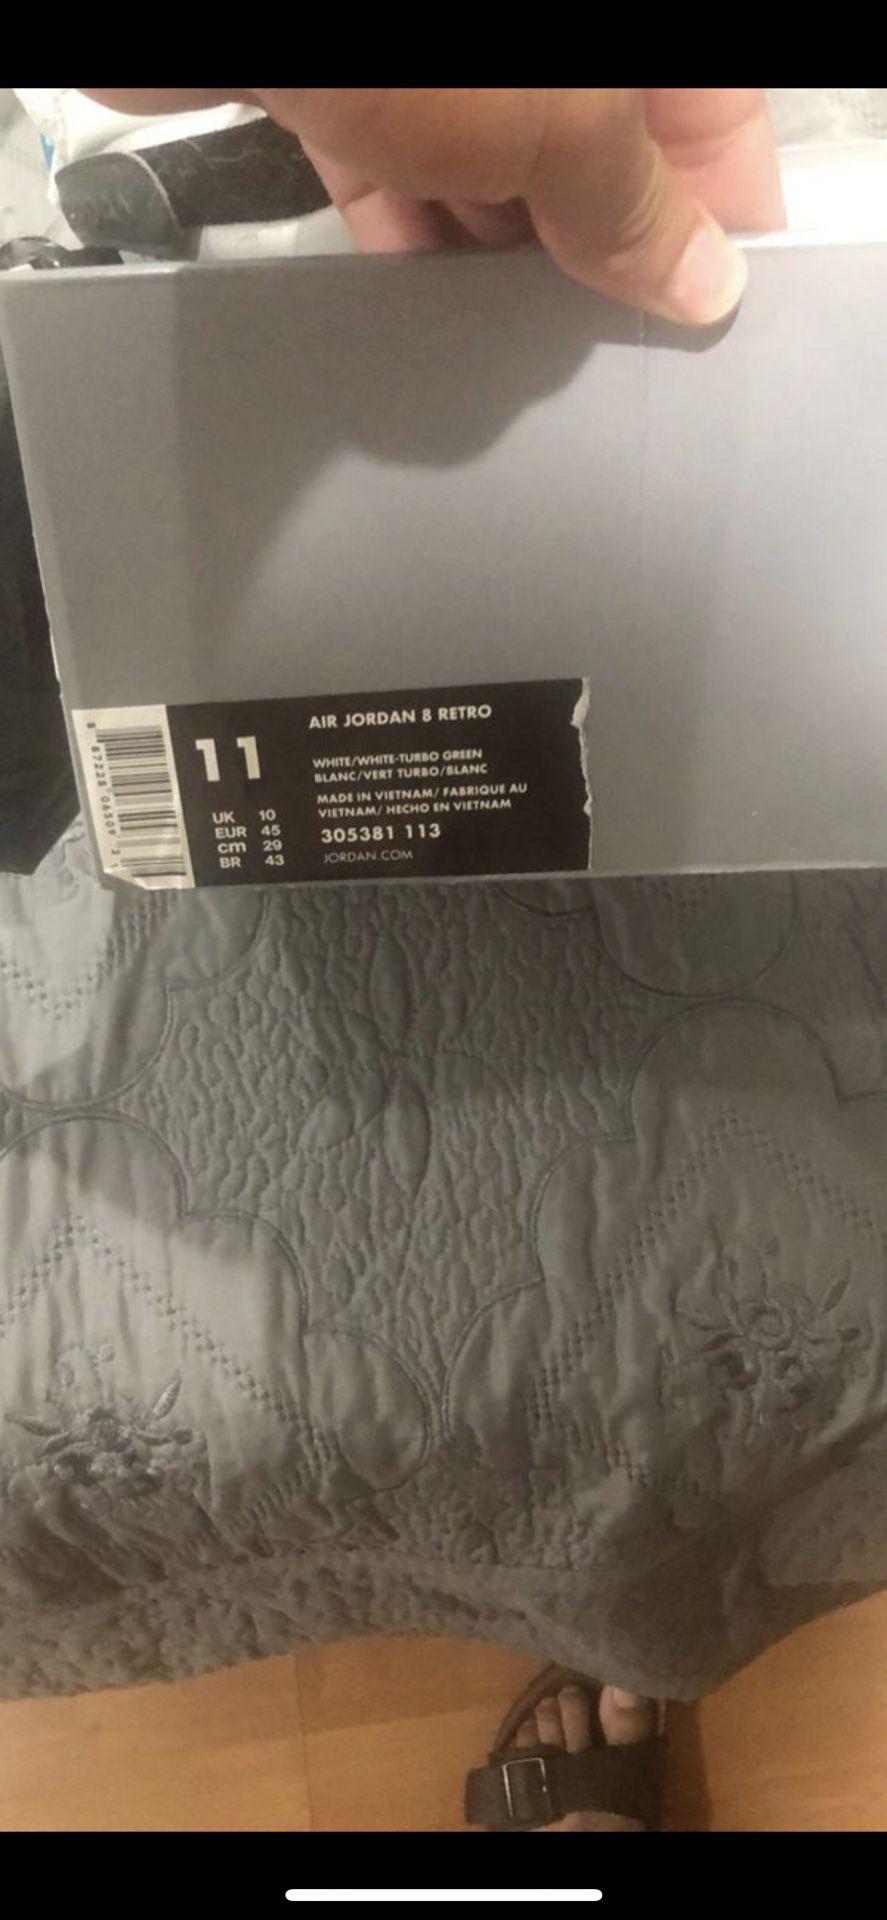 Jordan 8 size 11